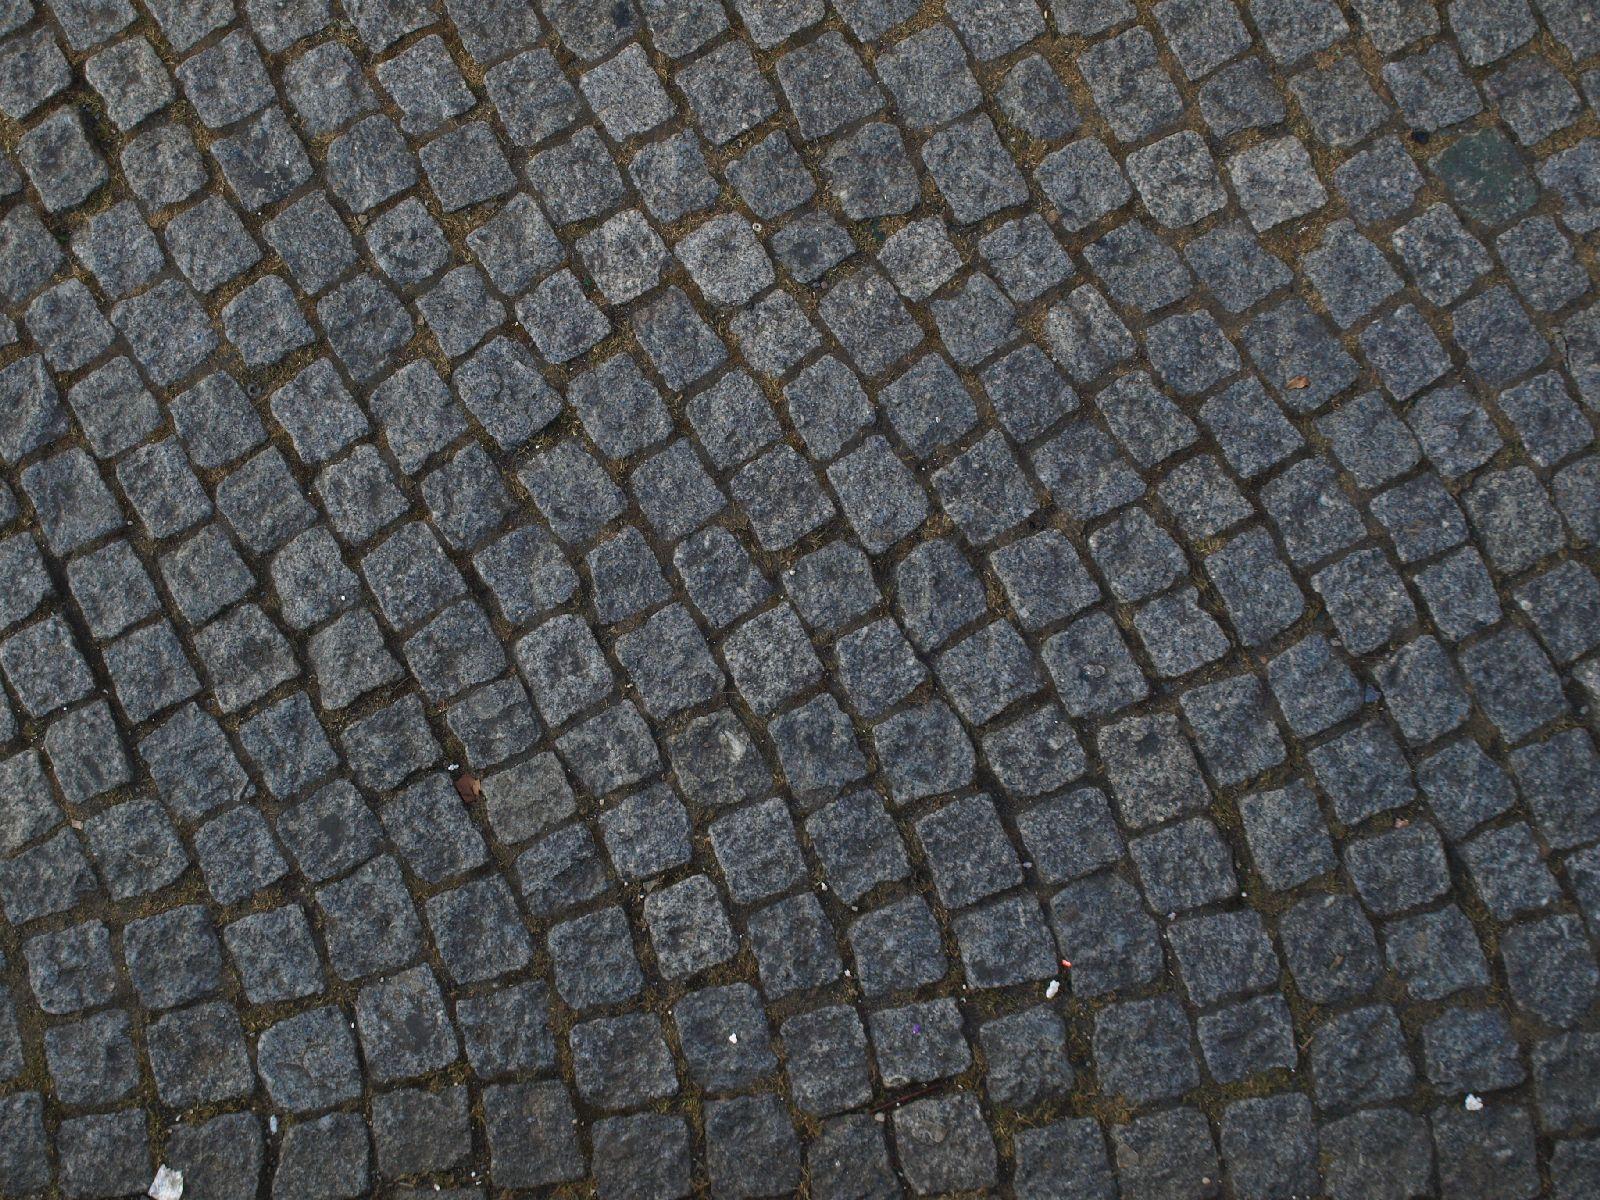 Ground-Urban_Texture_A_P1179329